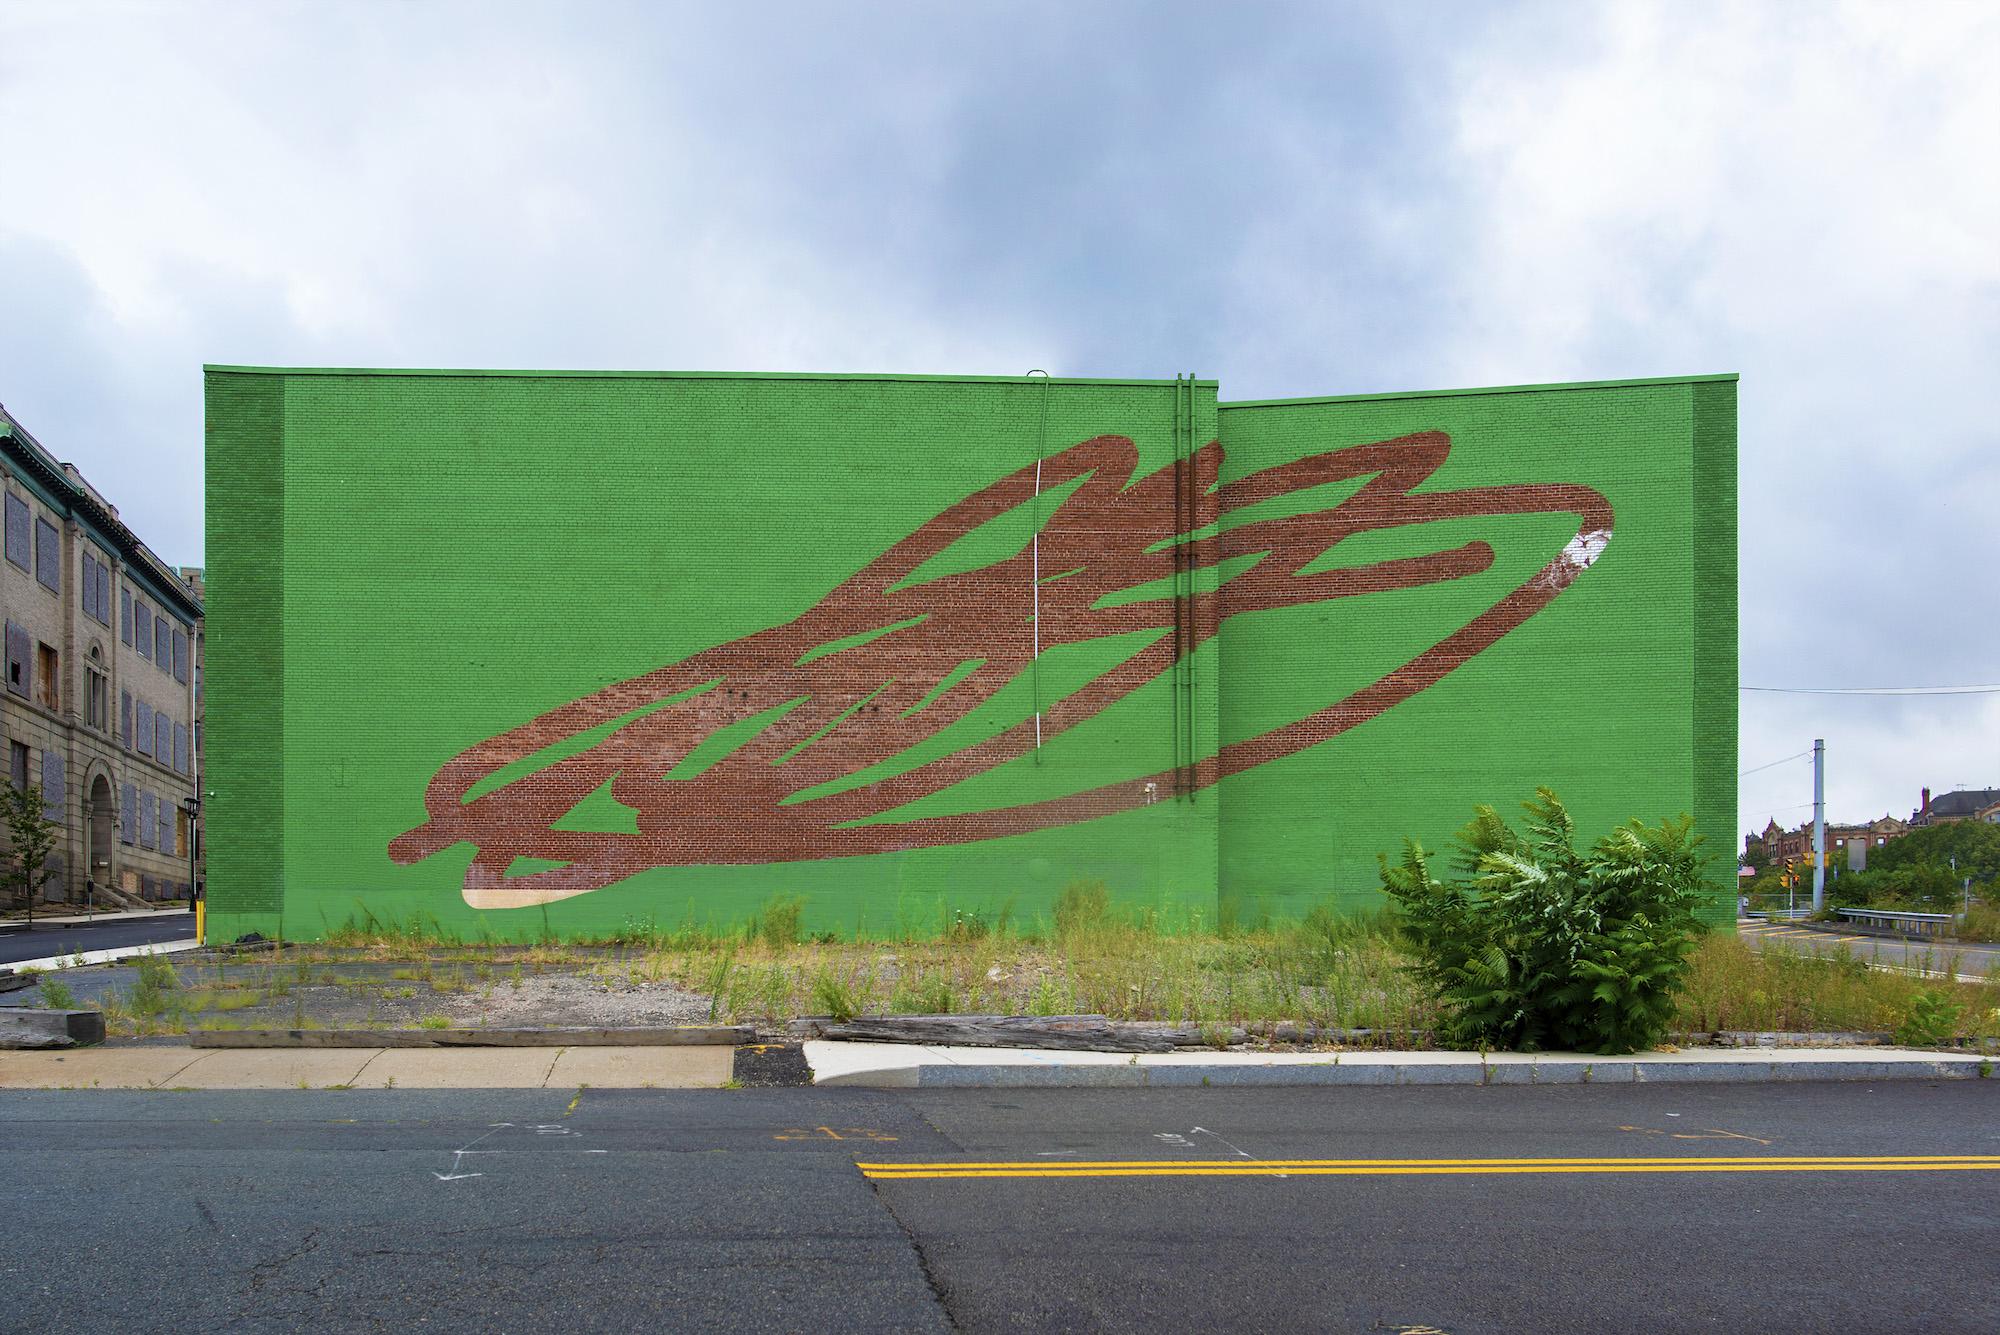 Novos trabalhos de Elian Chali na Argentina, EUA, e Taiwan Artes & contextos Fall River USA 1 LQ